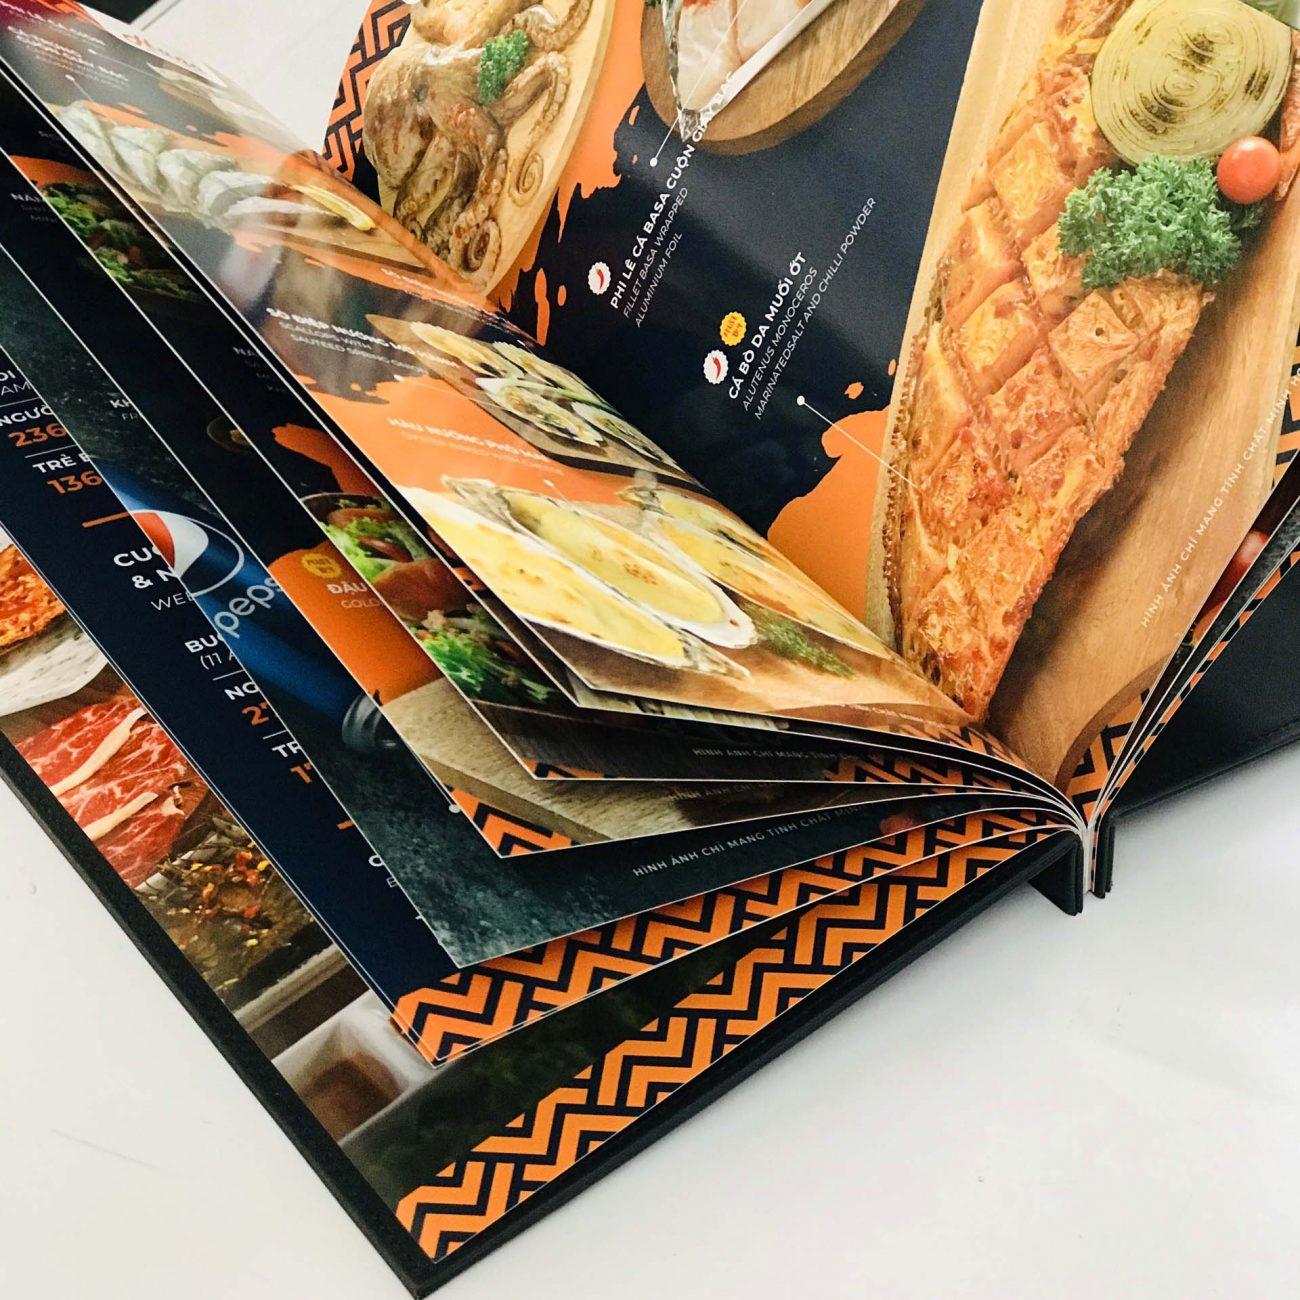 Quyển menu bìa da thường được sử dụng trong nhà hàng, khách sạn